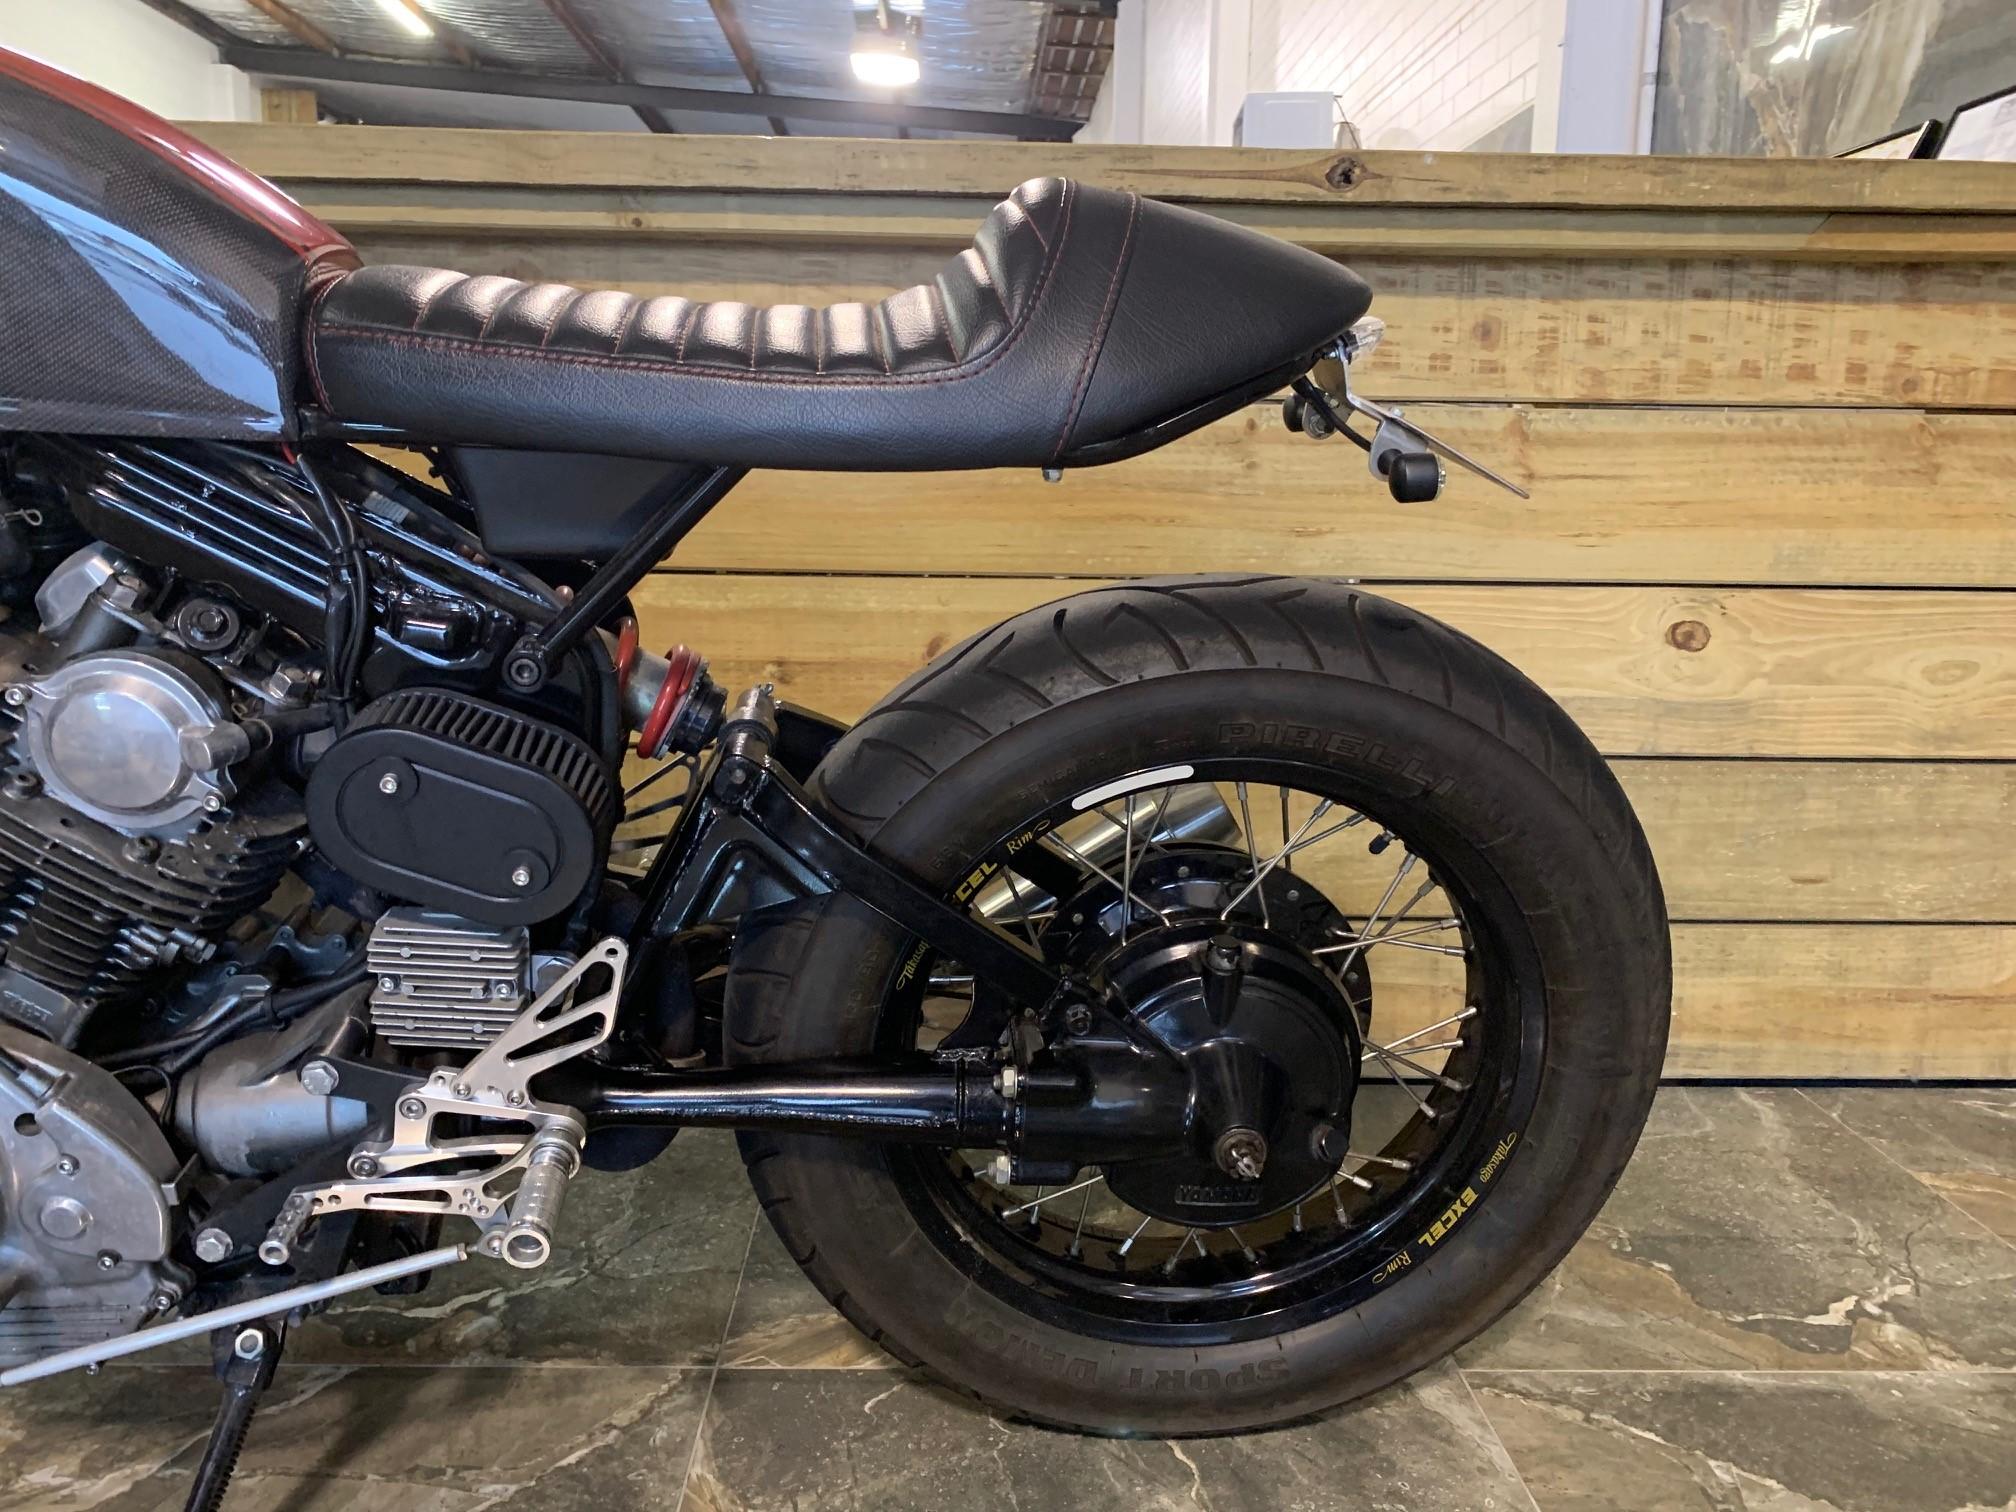 Motorbike Mechanic Amp Dealership Queensland Taverner